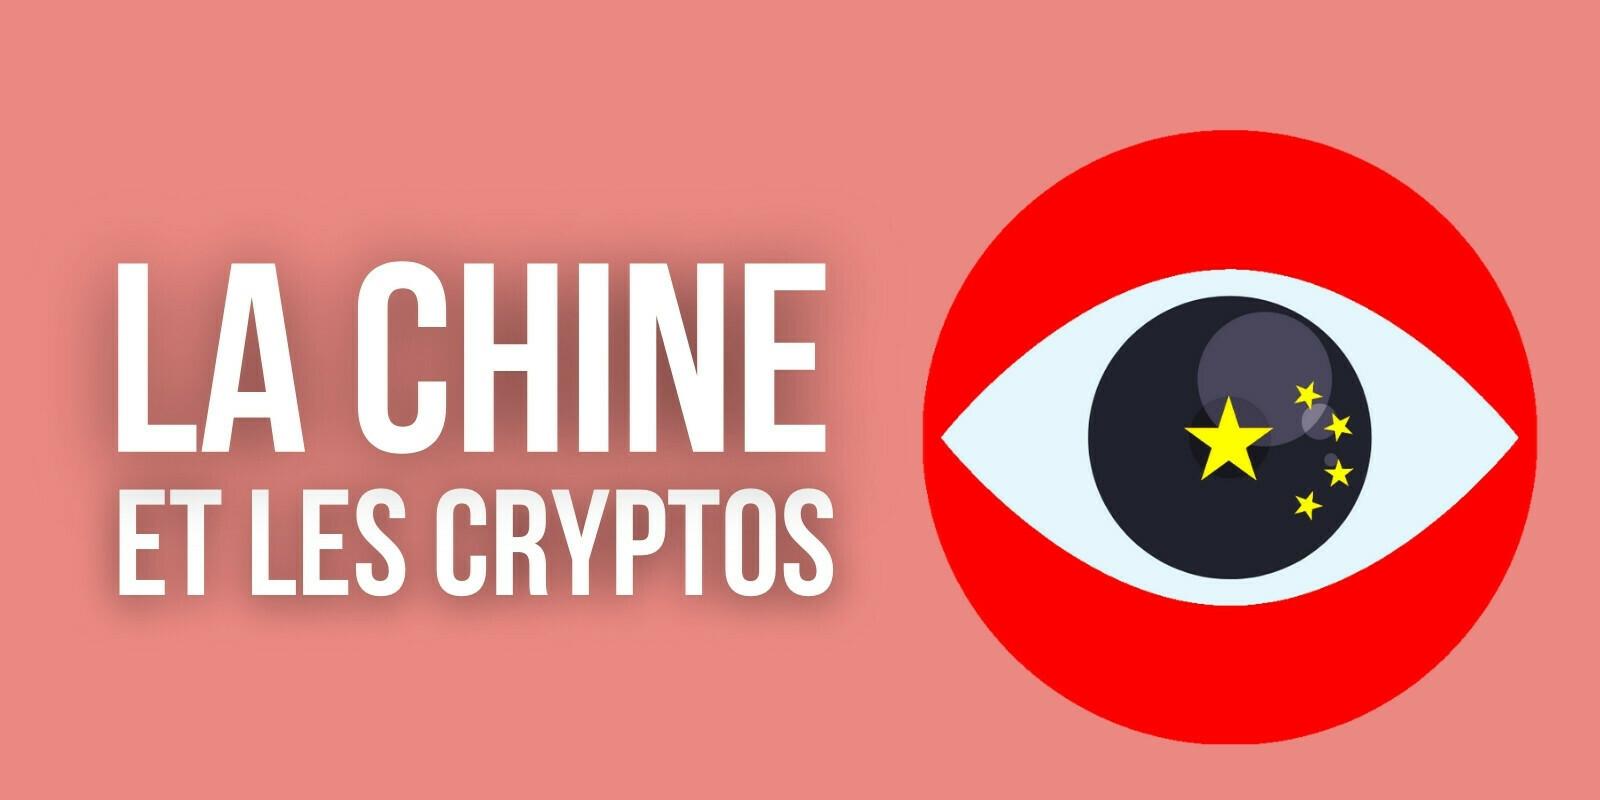 Chine: la Banque centrale confirme qu'elle continuera à durcir le ton face aux cryptomonnaies